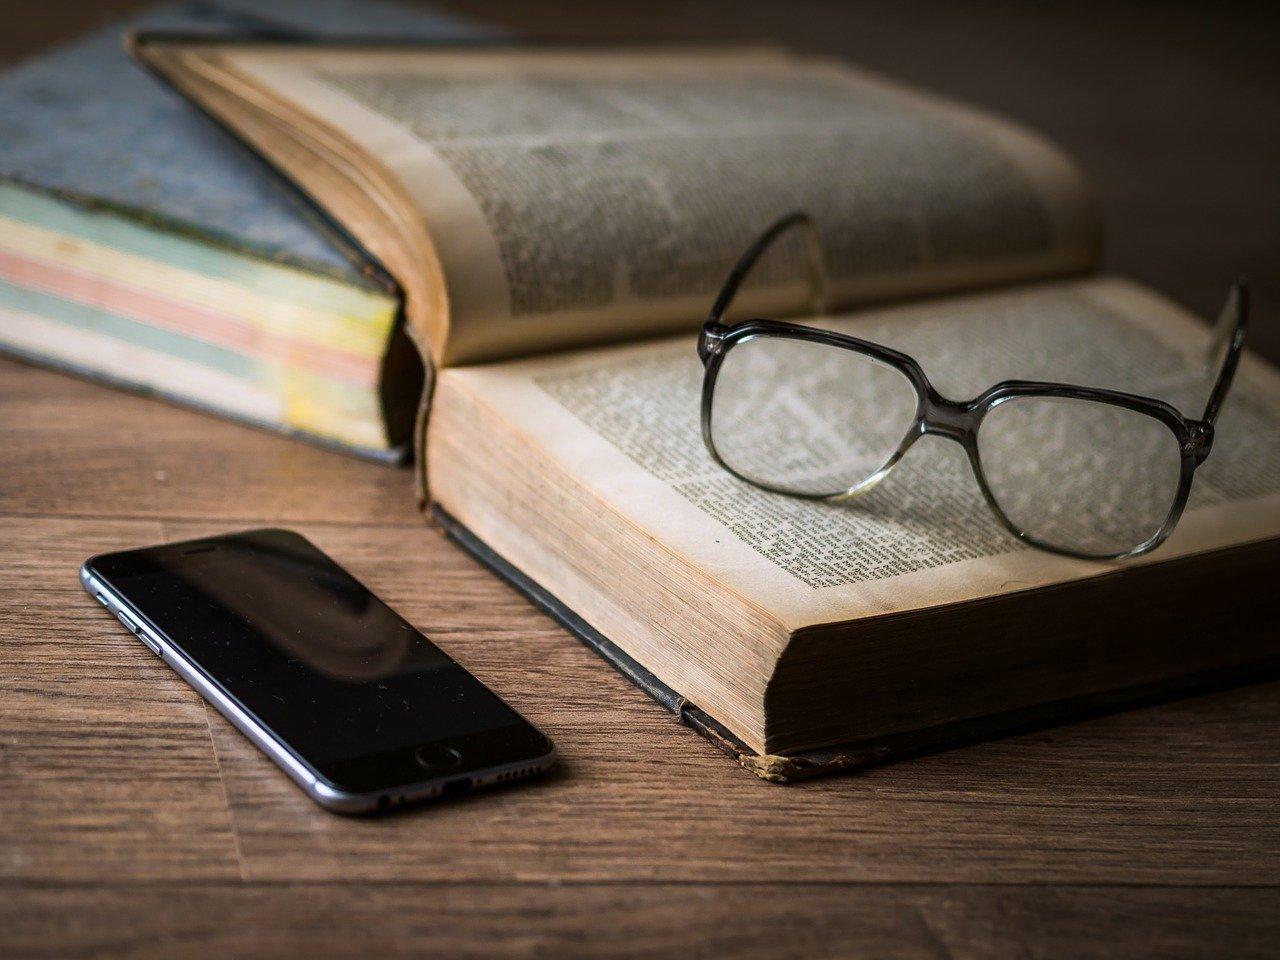 W jaki sposób dobrać odpowiednie okulary do czytania